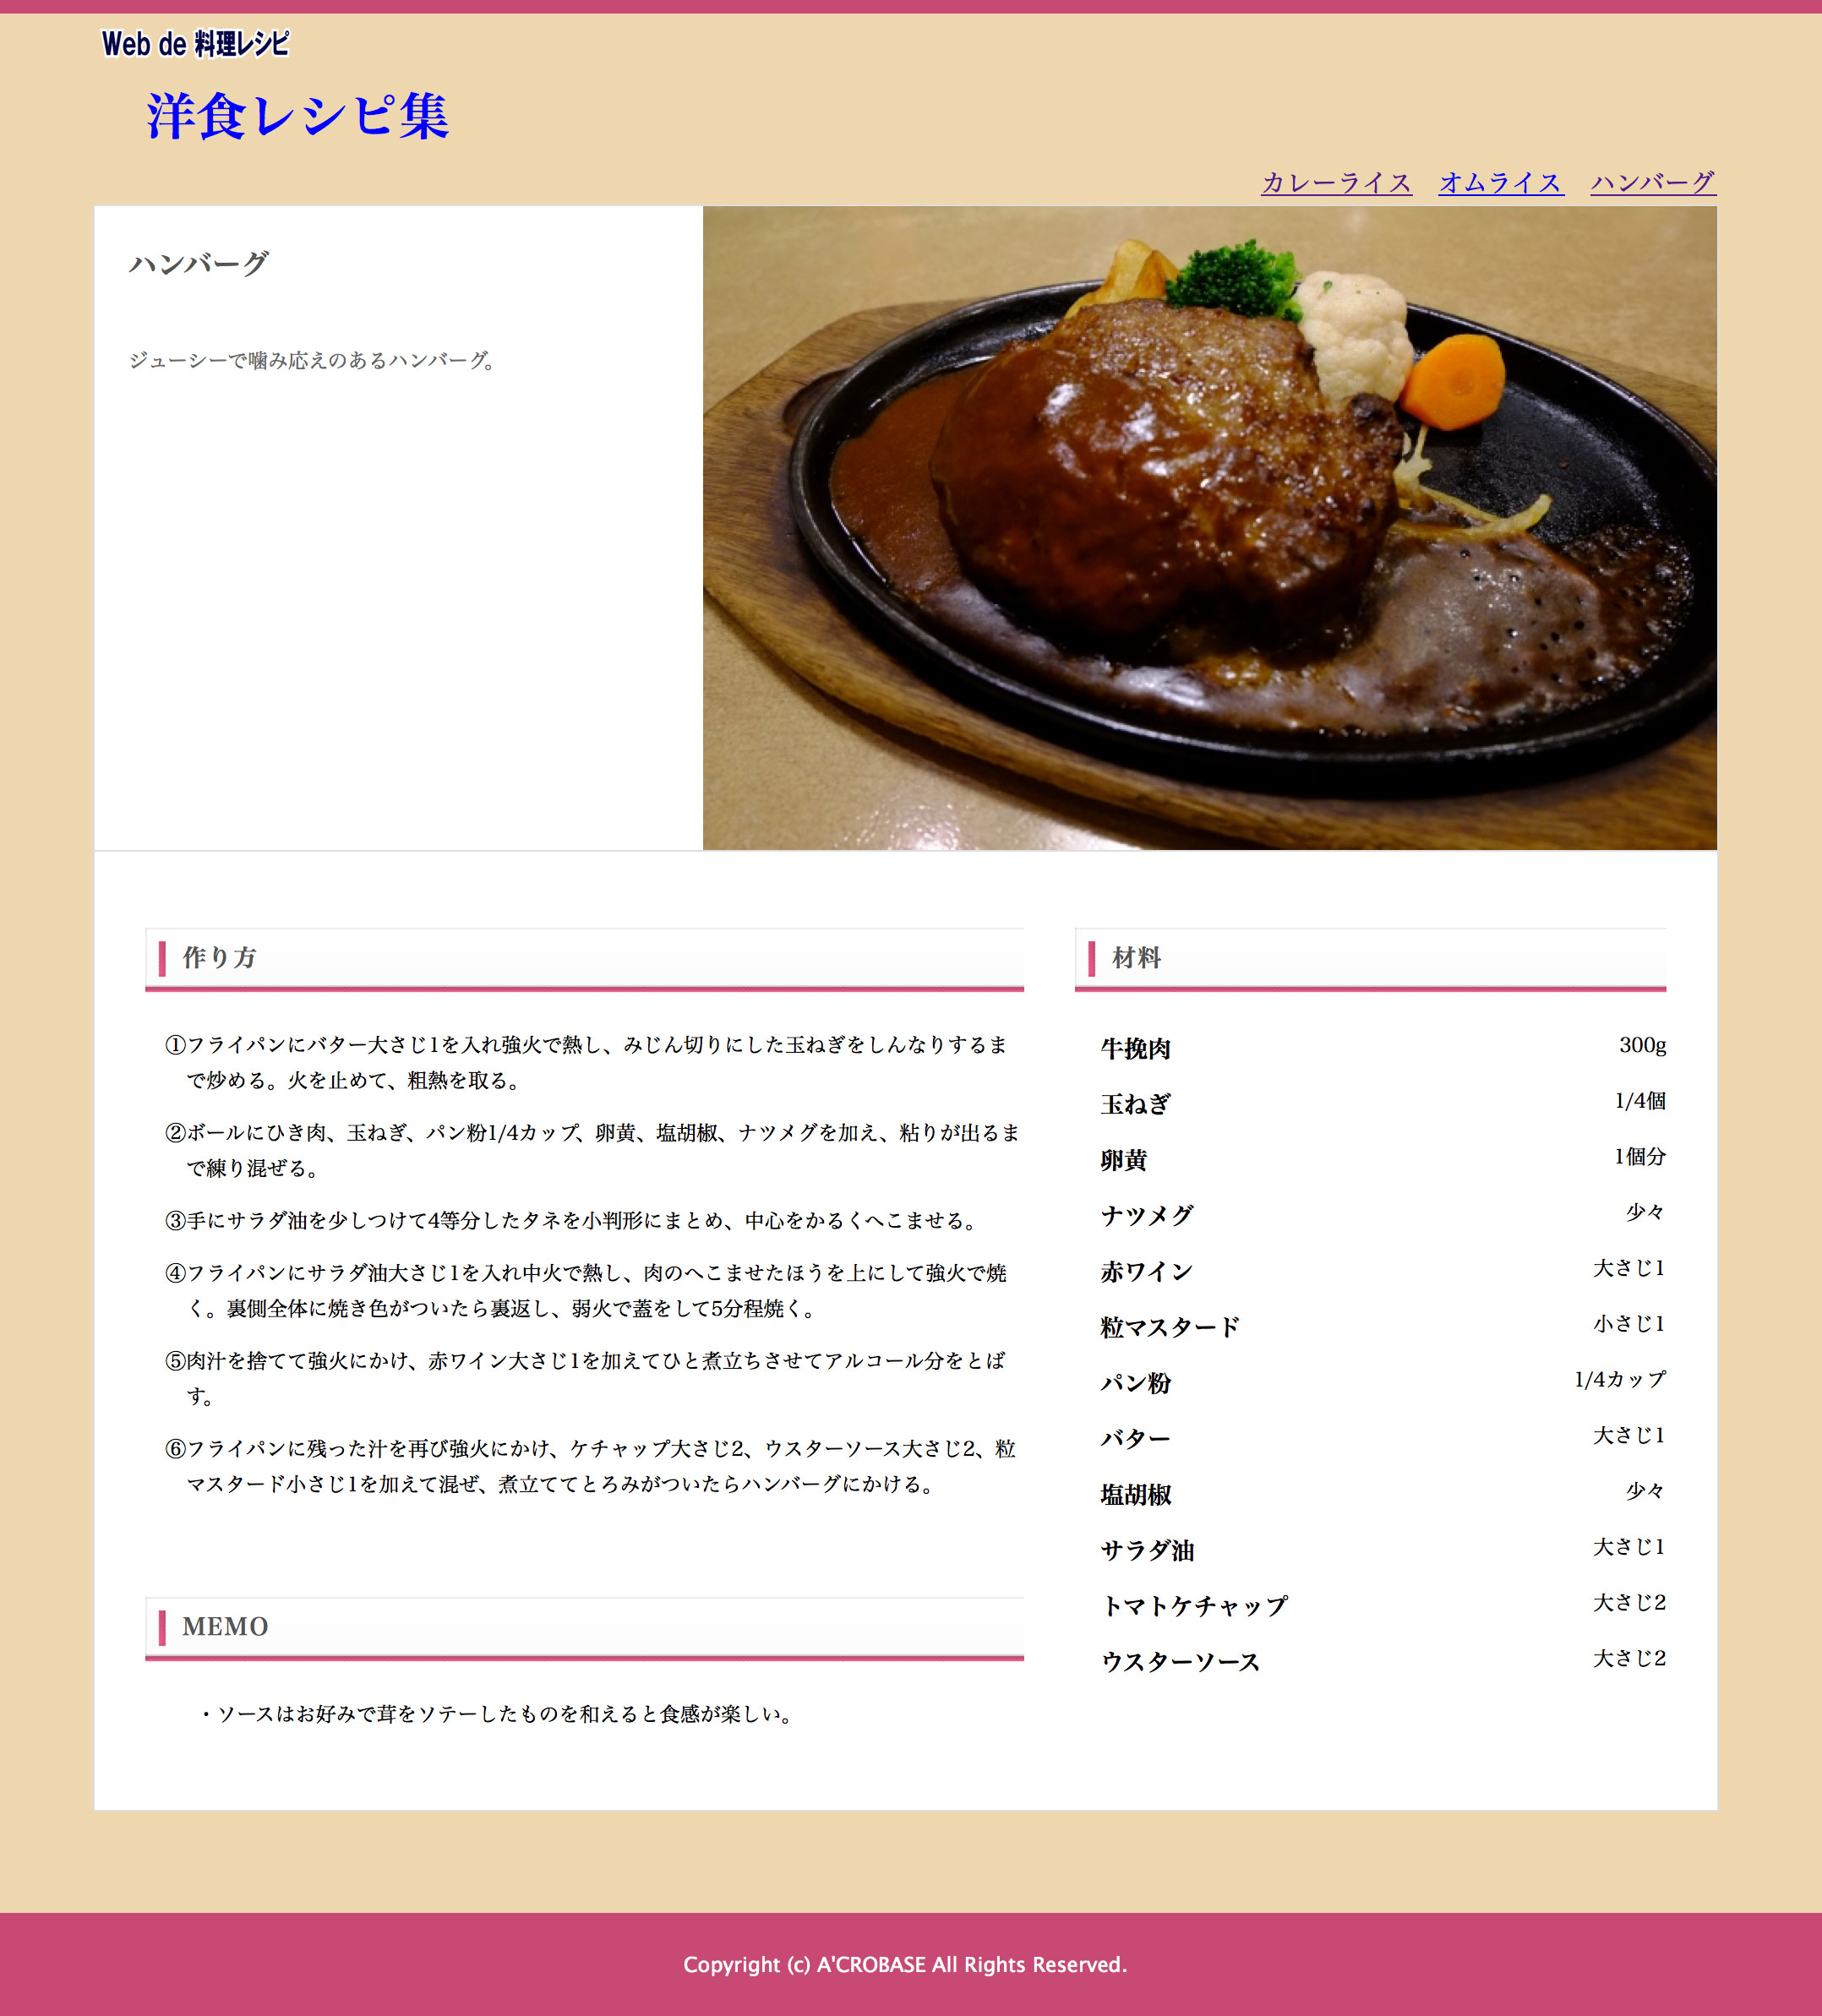 料理 レシピ テンプレート 無料 ダウンロード